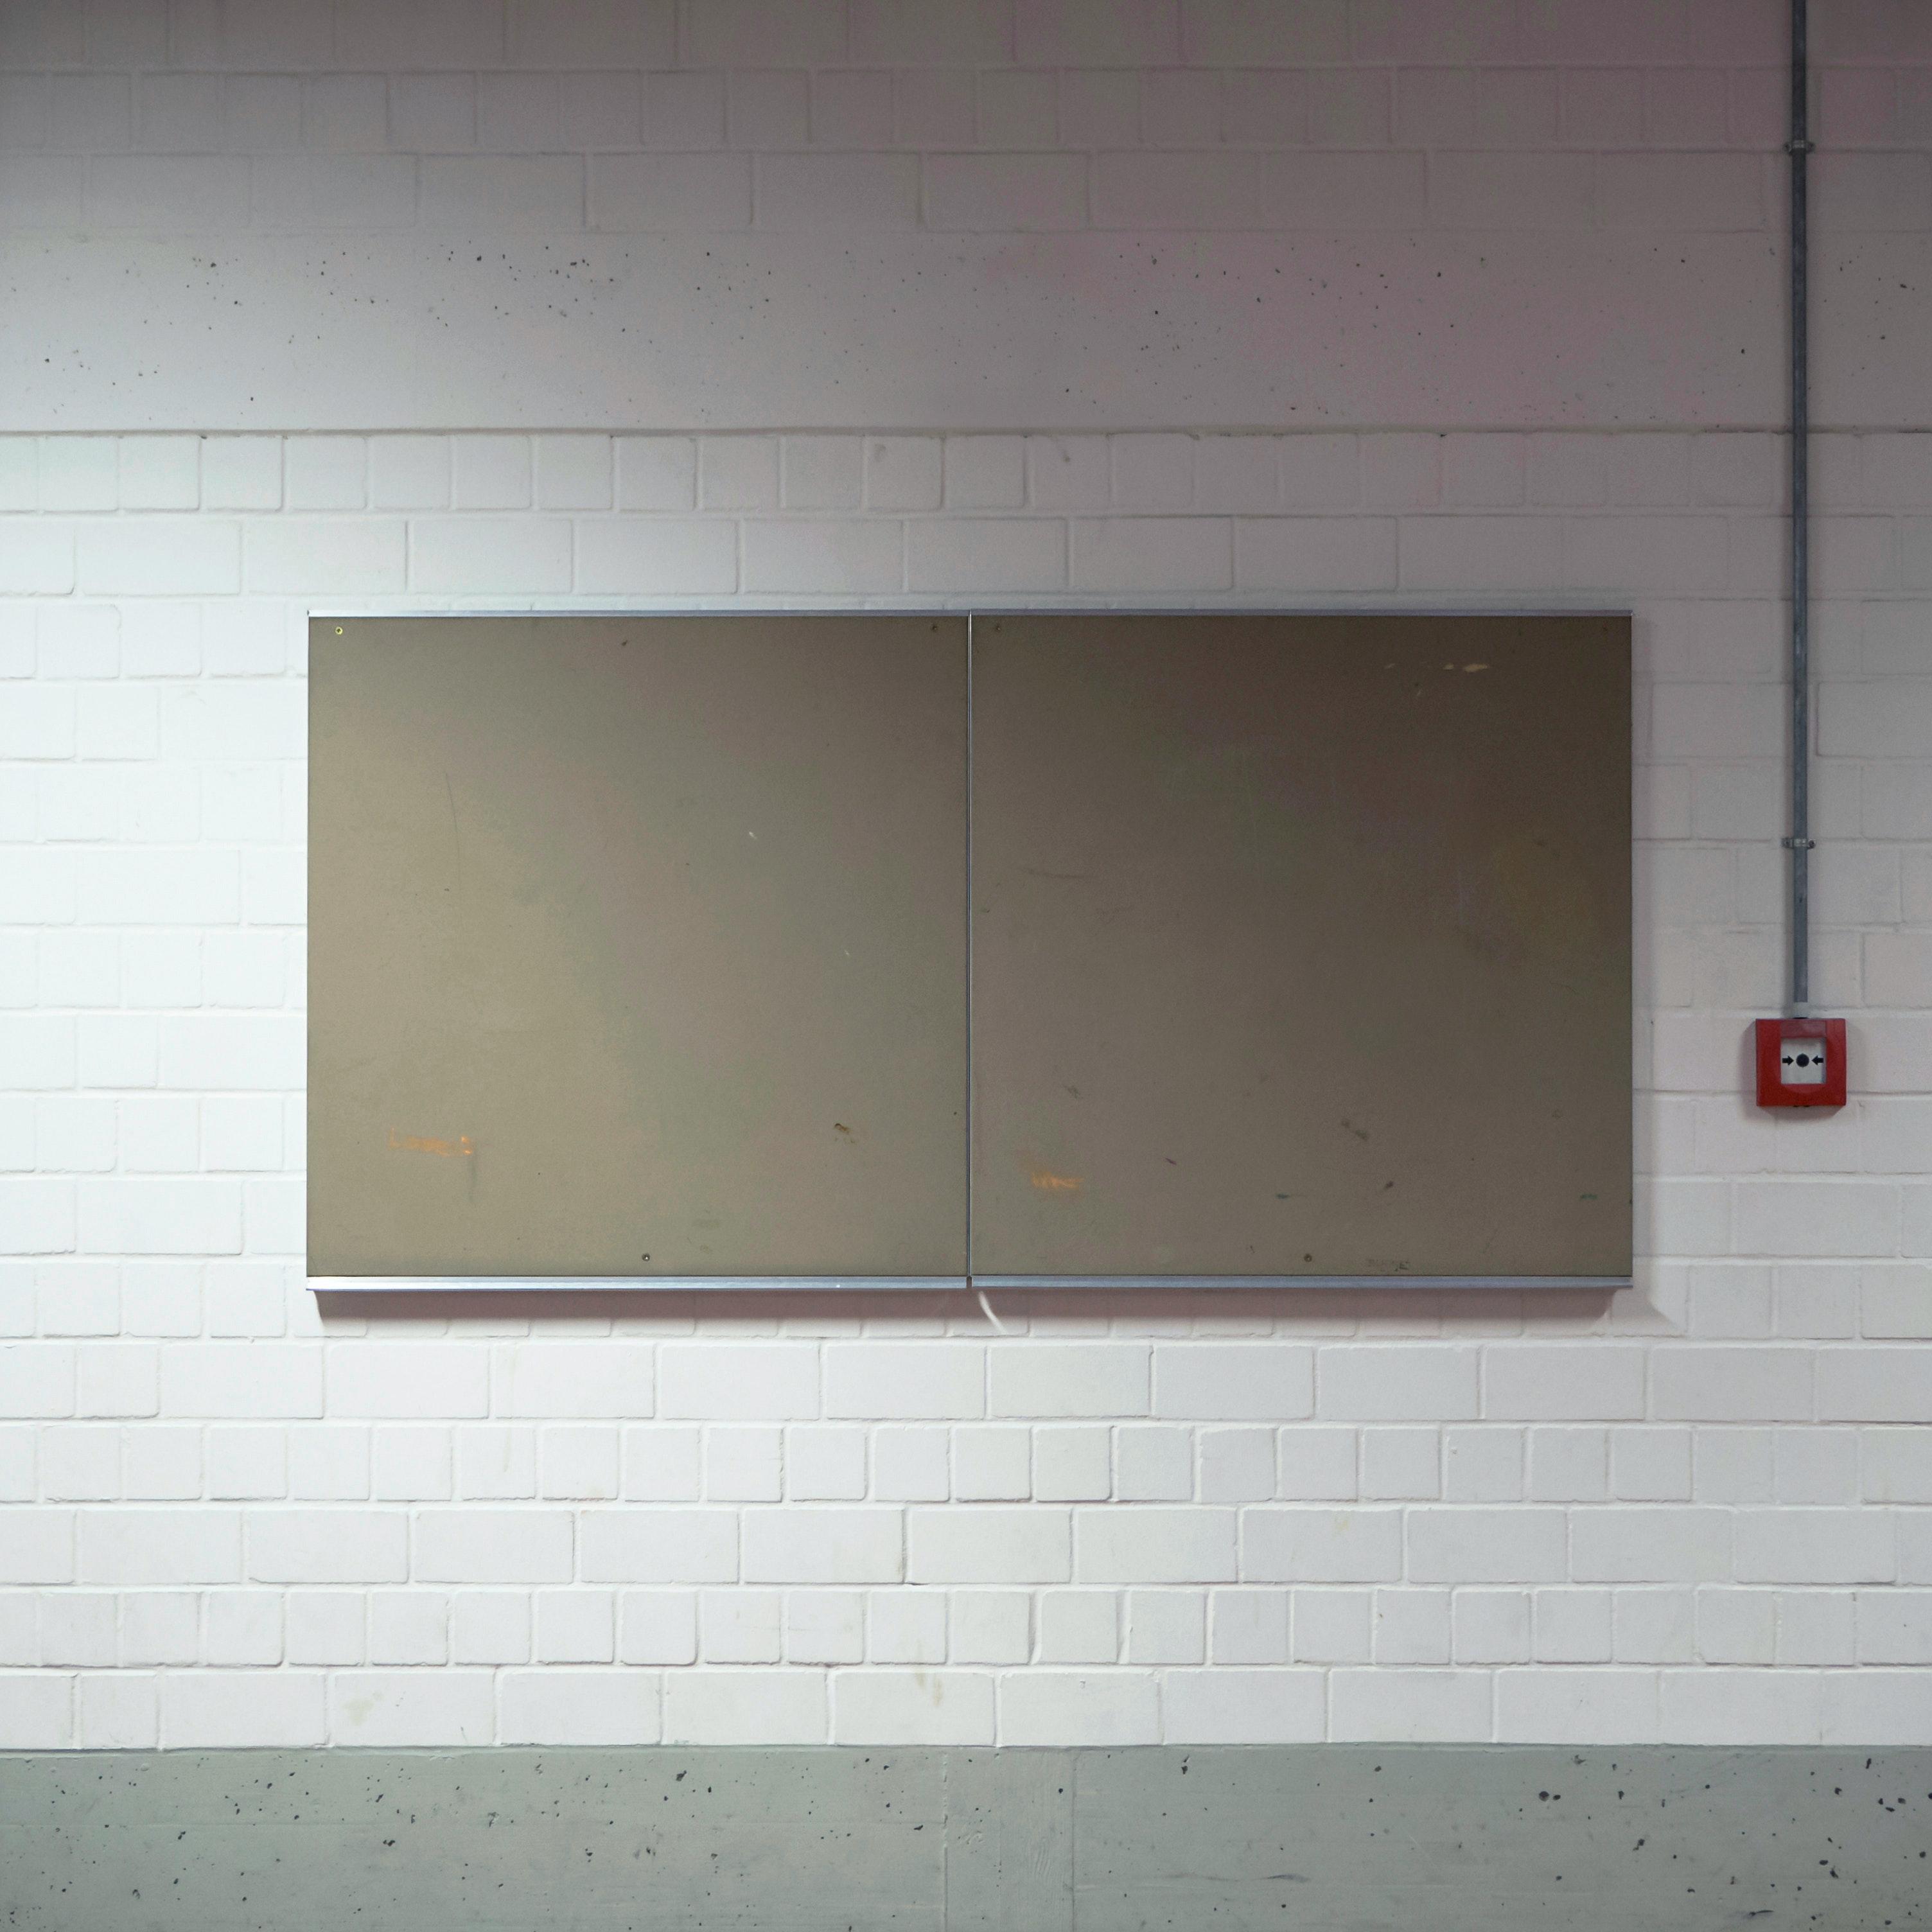 Wand keller symbolbild berufungsvortrag probevortrag professur.60ac64ca11d95437681954a4e5ba086cc